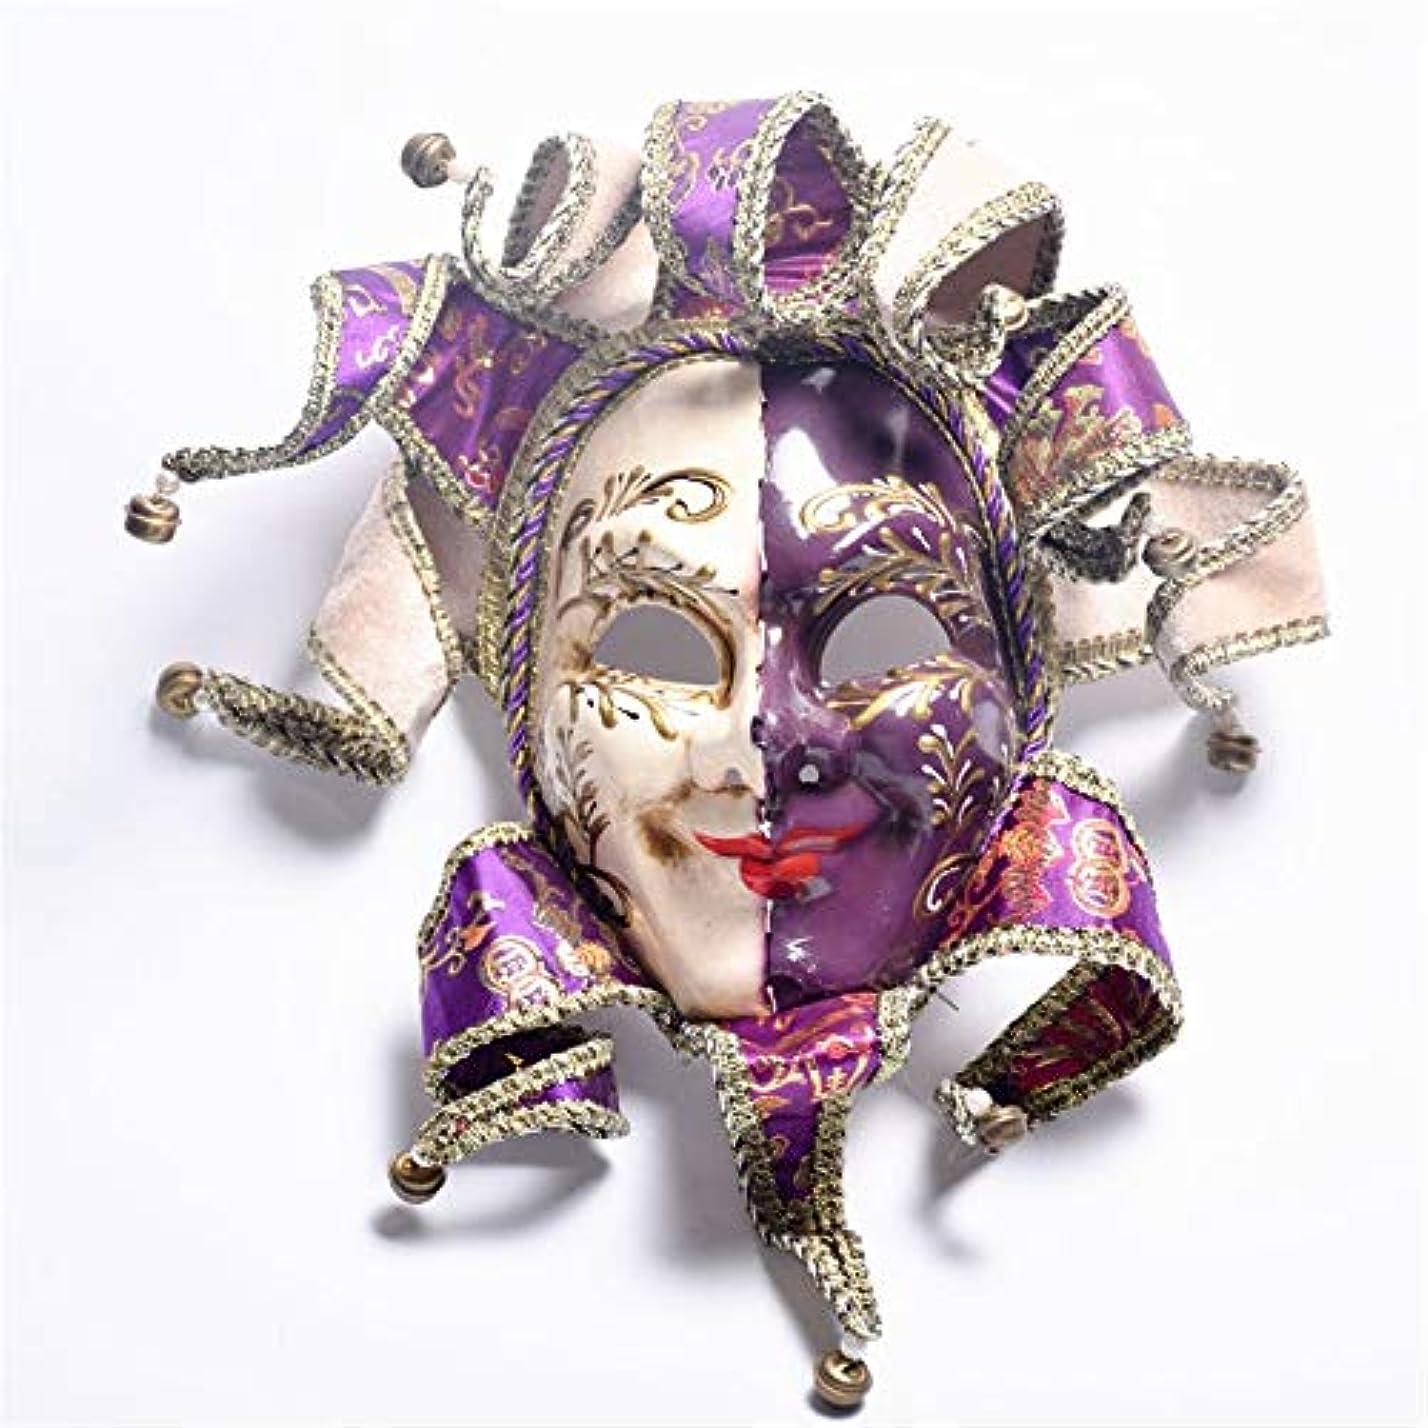 ダンスマスク 塗装フルフェイスパフォーマンス小道具ハロウィンパーティー仮装祭りロールプレイナイトクラブパーティープラスチックマスク ホリデーパーティー用品 (色 : 紫の, サイズ : 50x36cm)